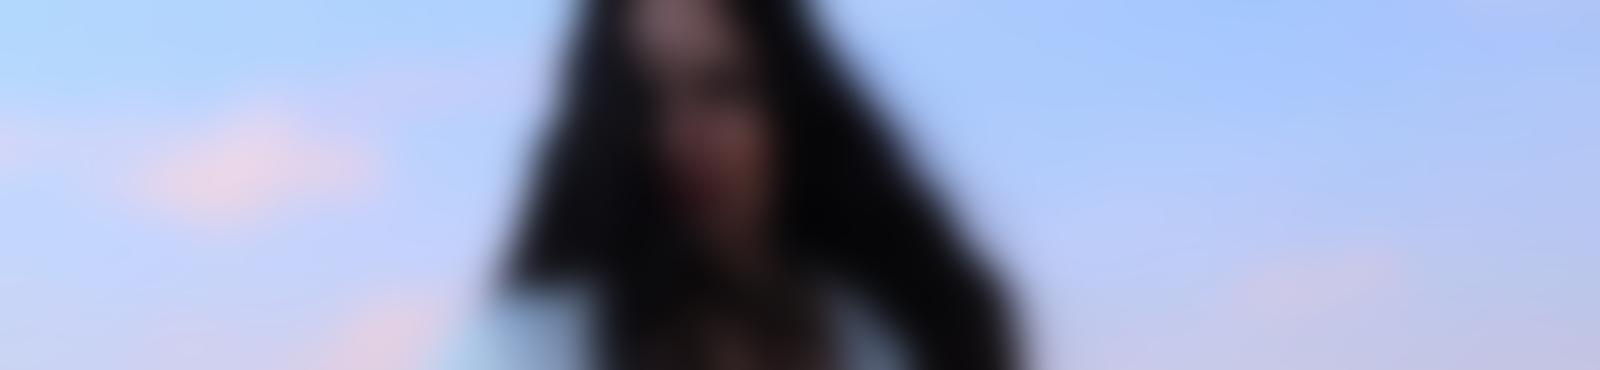 Blurred d6940339 a7c2 459f a4a6 34faeba7b2b3